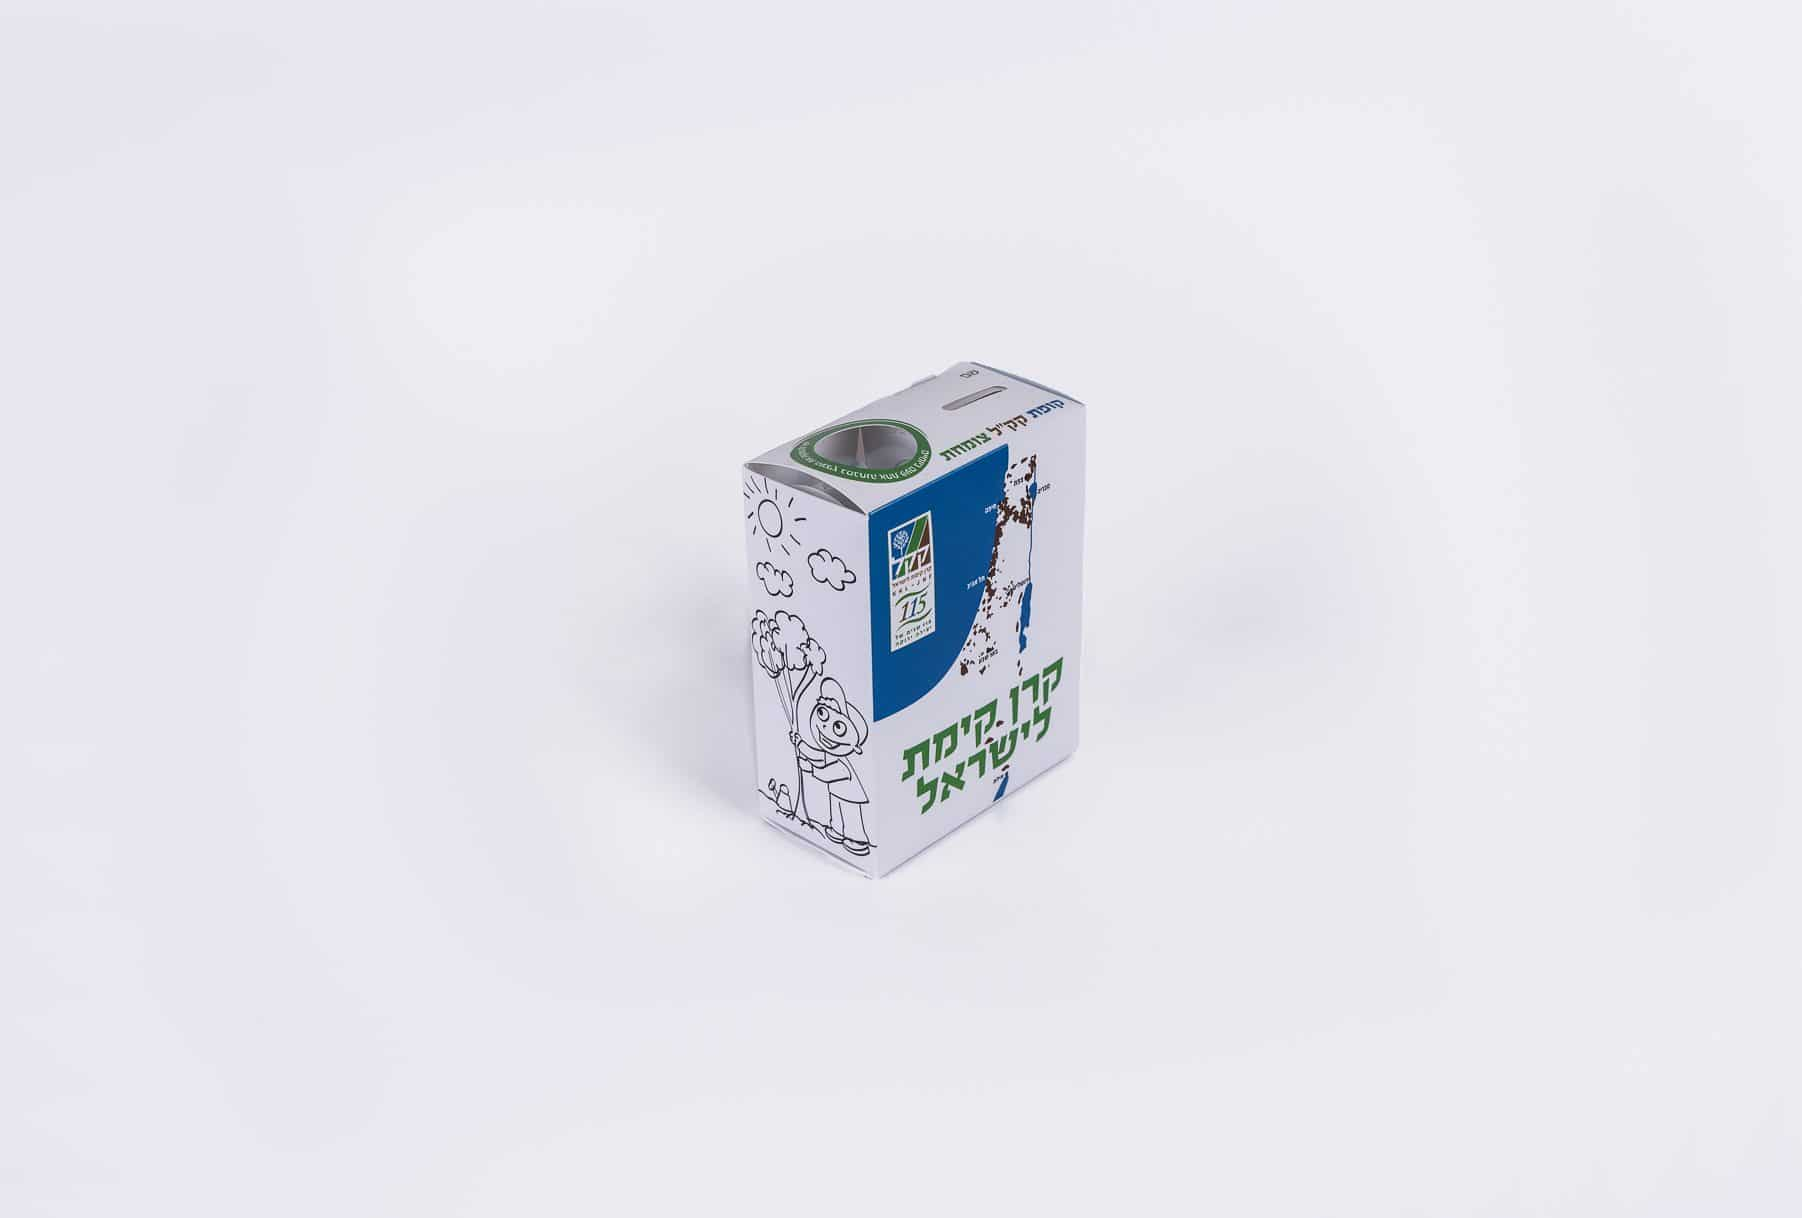 הדפסת קופסאות לקרן קיימת לישראל